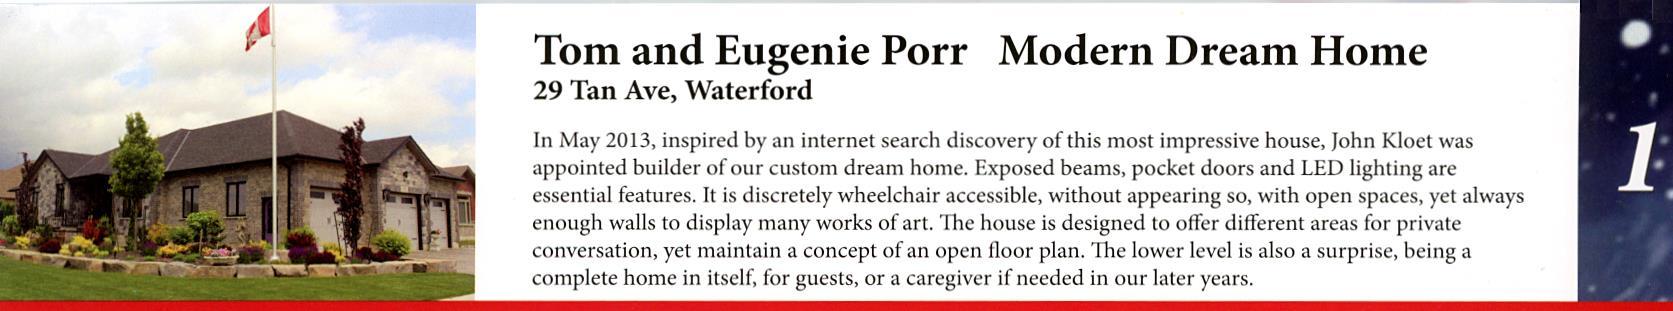 Tom and Eugenie Porr Modern Dream Home